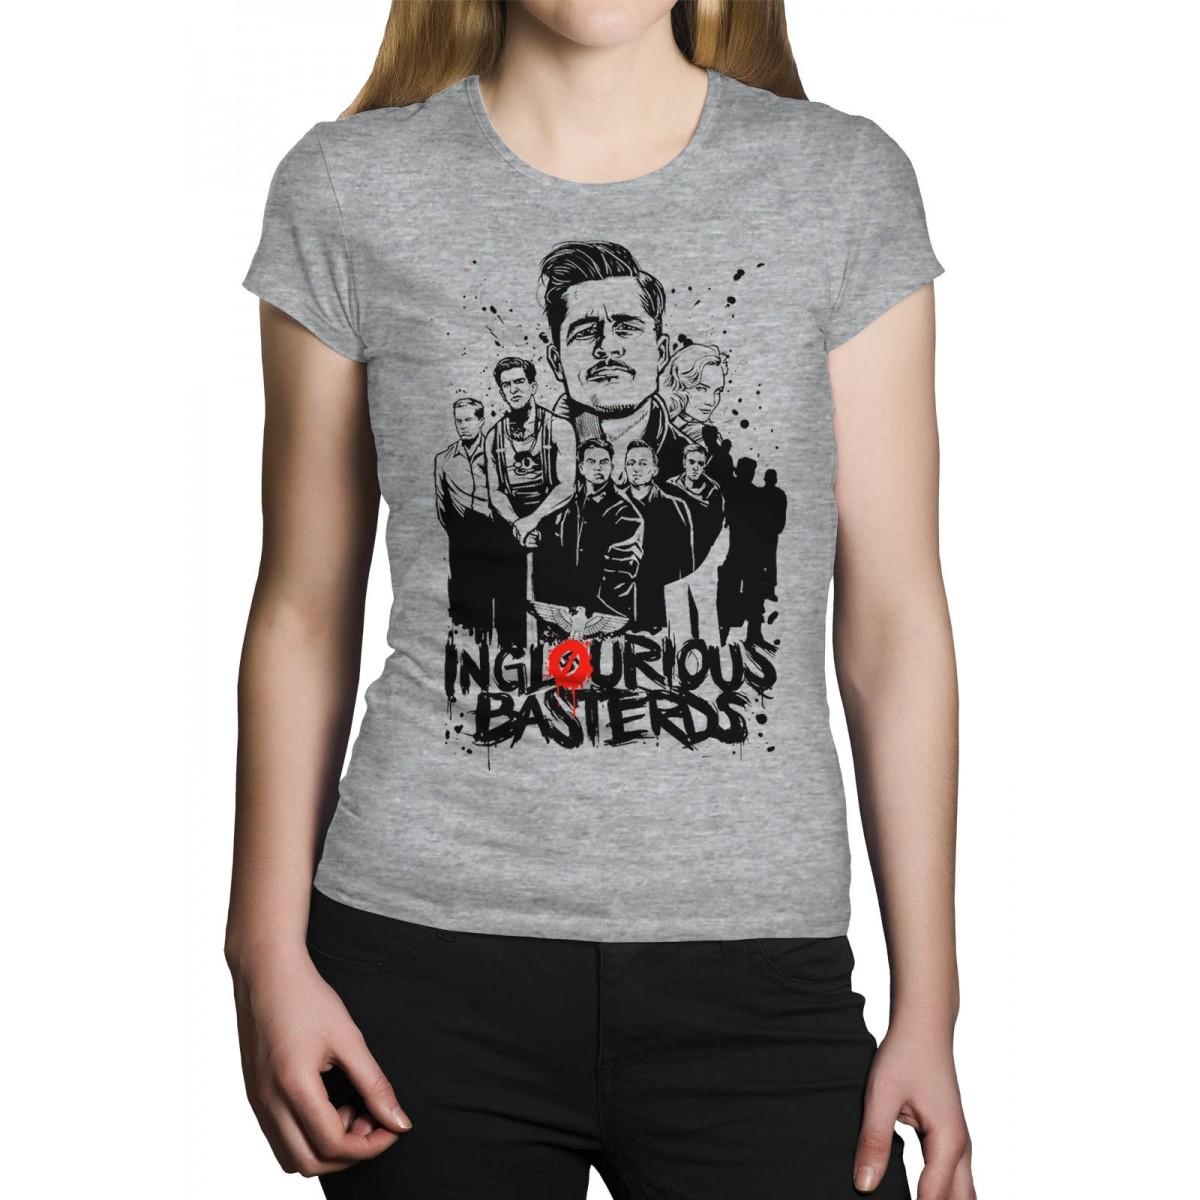 Camiseta HShop Bastardos Inglórios Cinza  - HShop